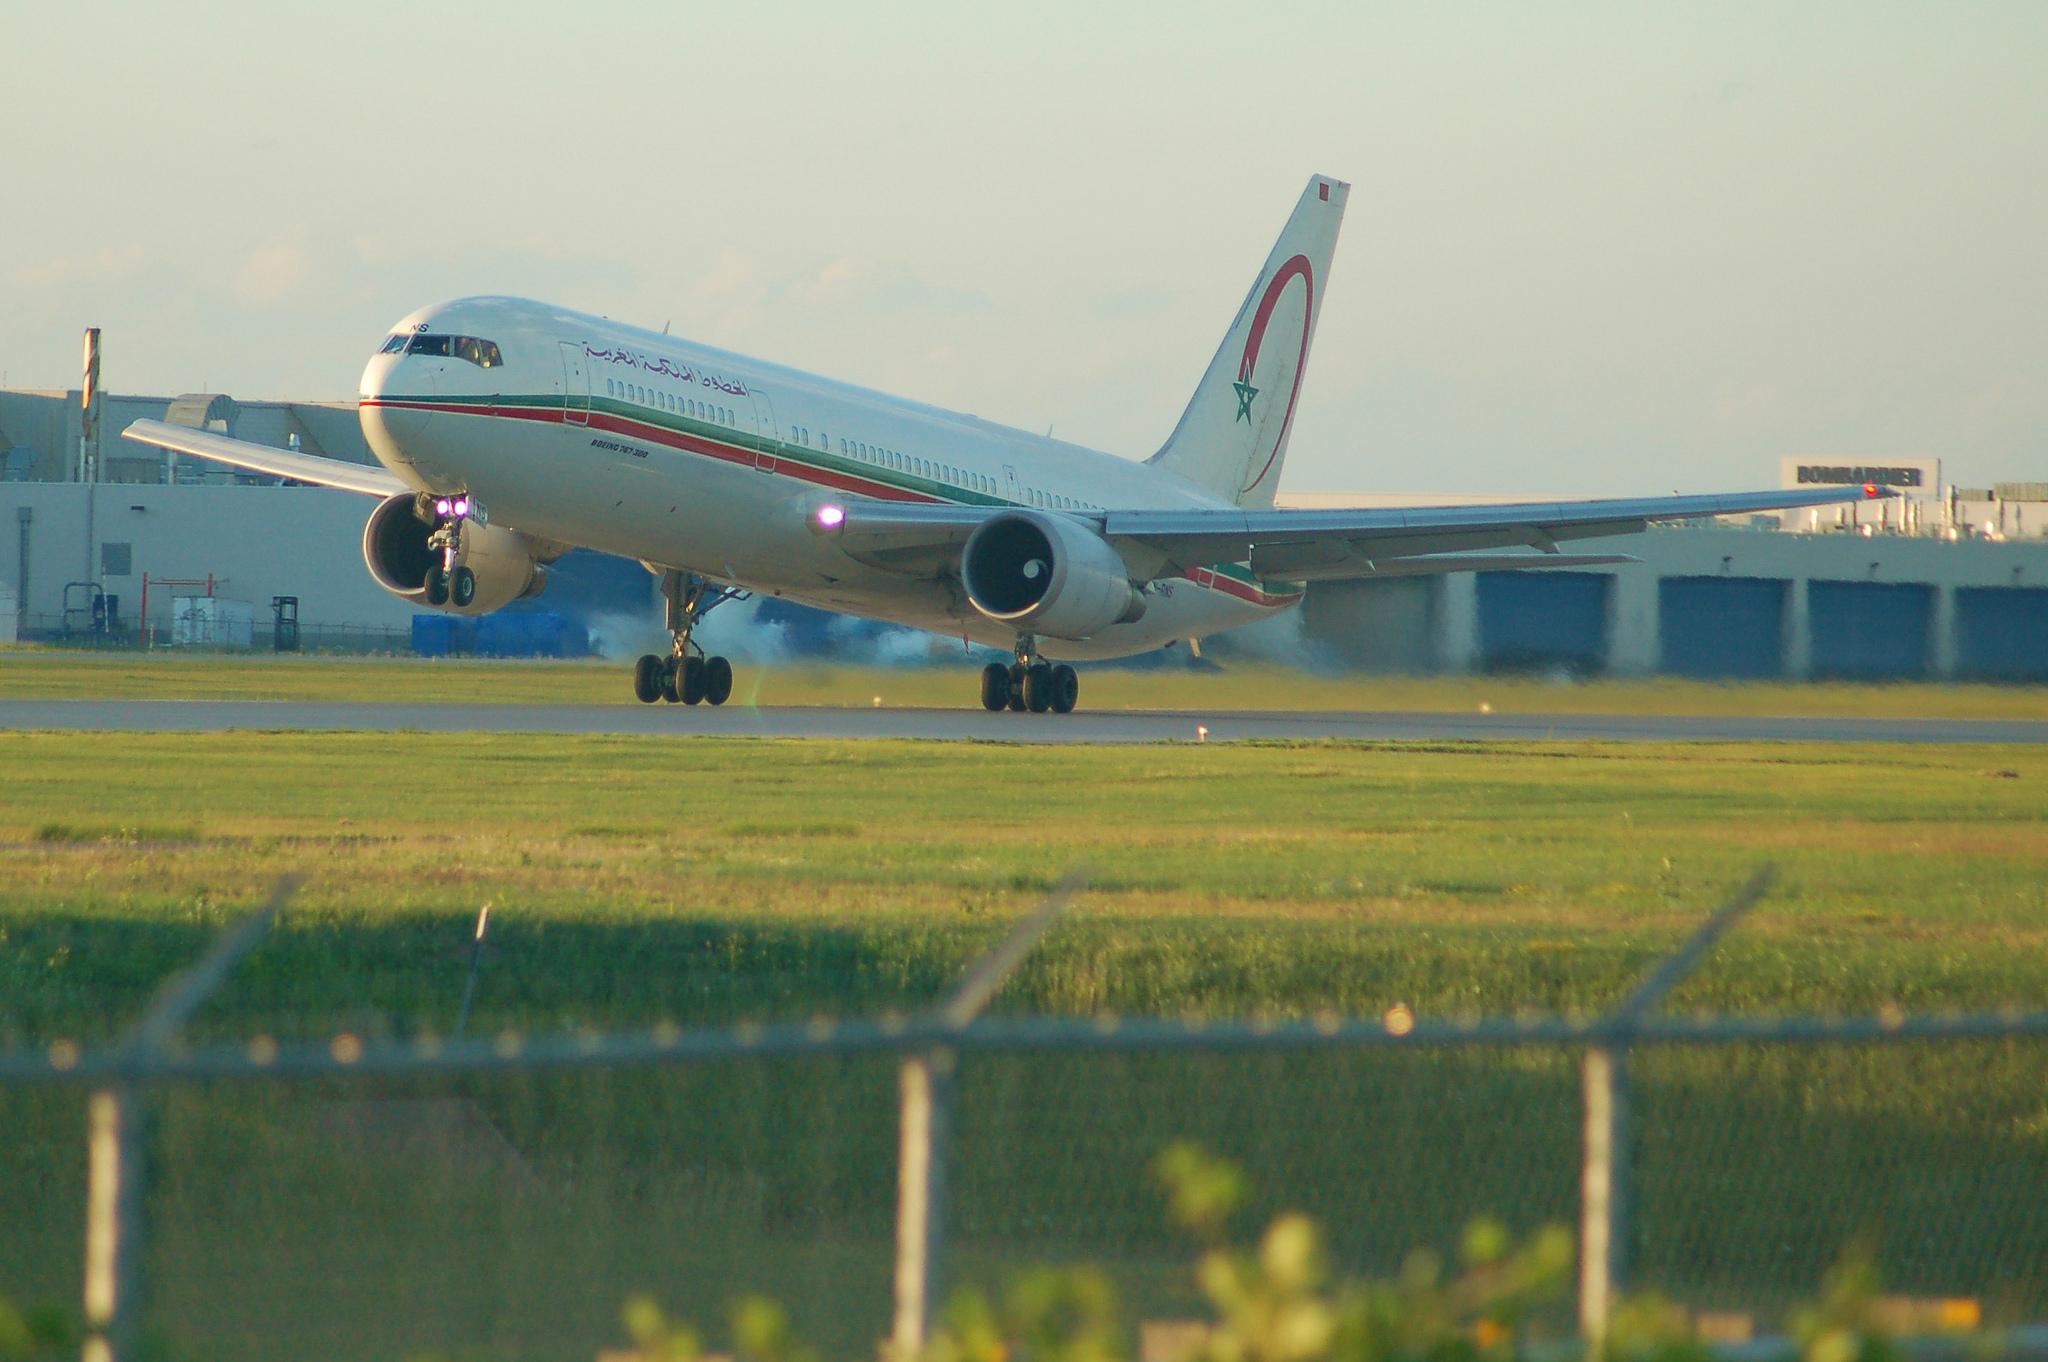 Royal Air Maroc - Page 13 30027714617200015dd8063f807k